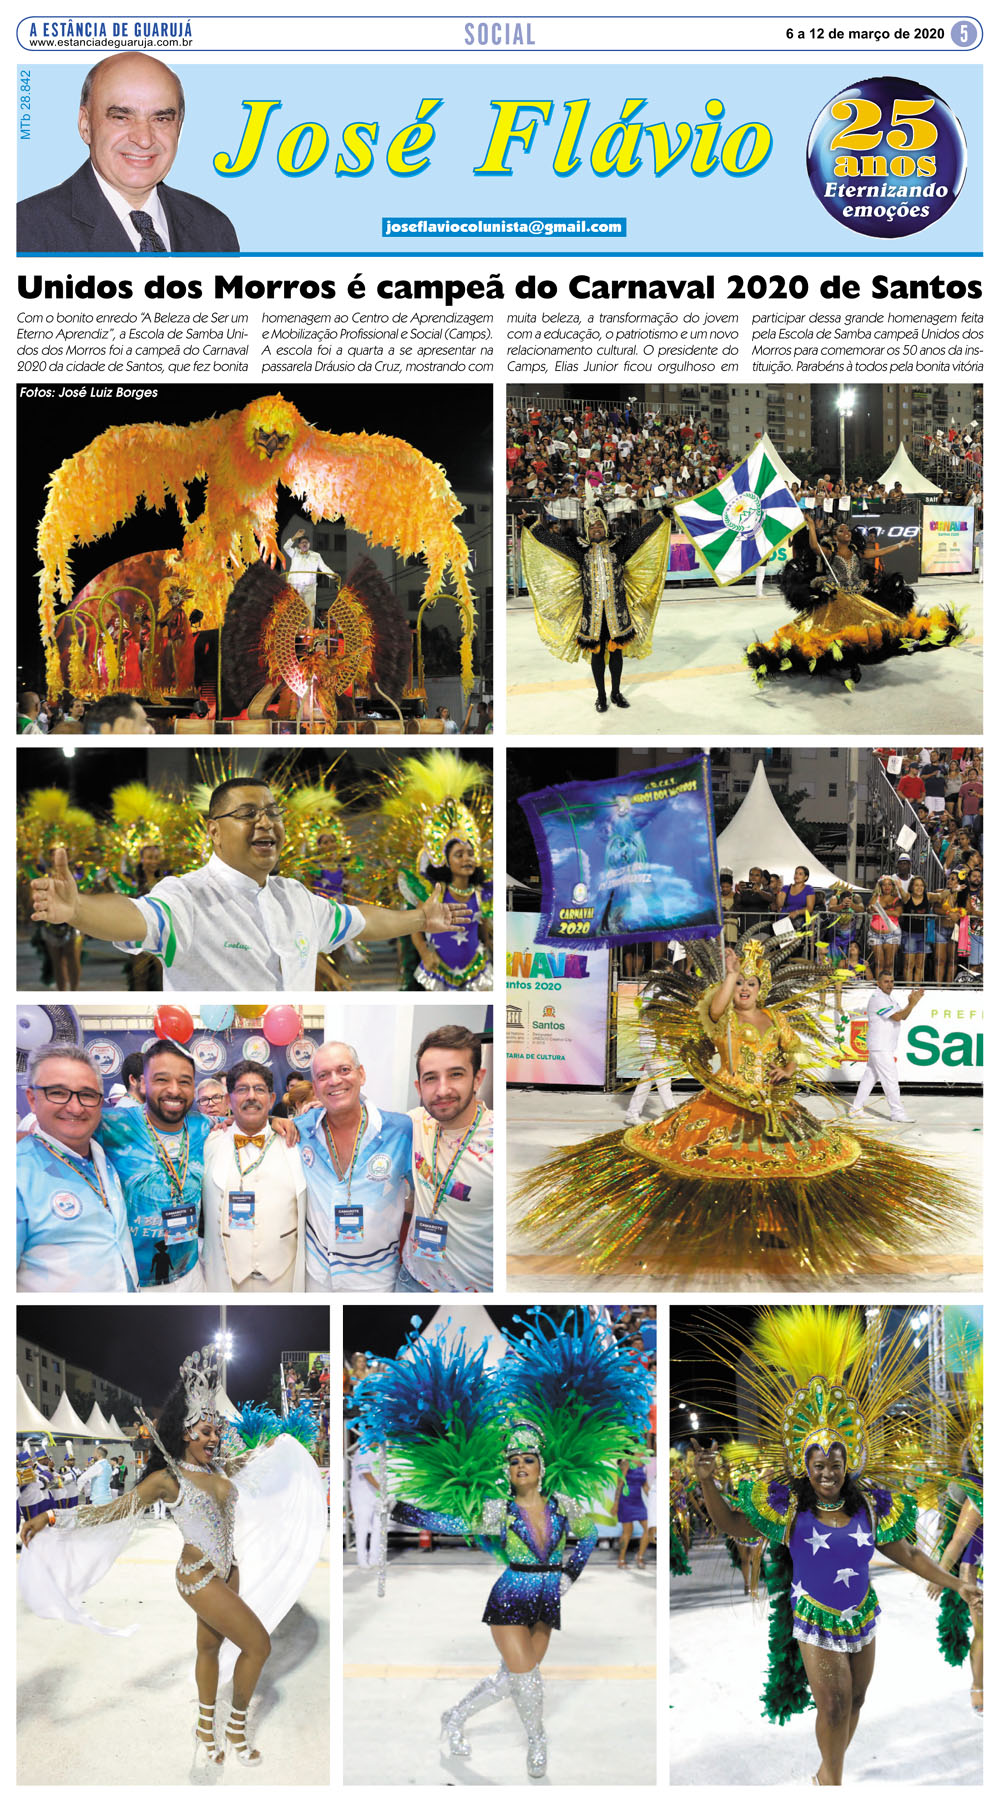 Unidos dos Morros é campeã do Carnaval 2020 de Santos